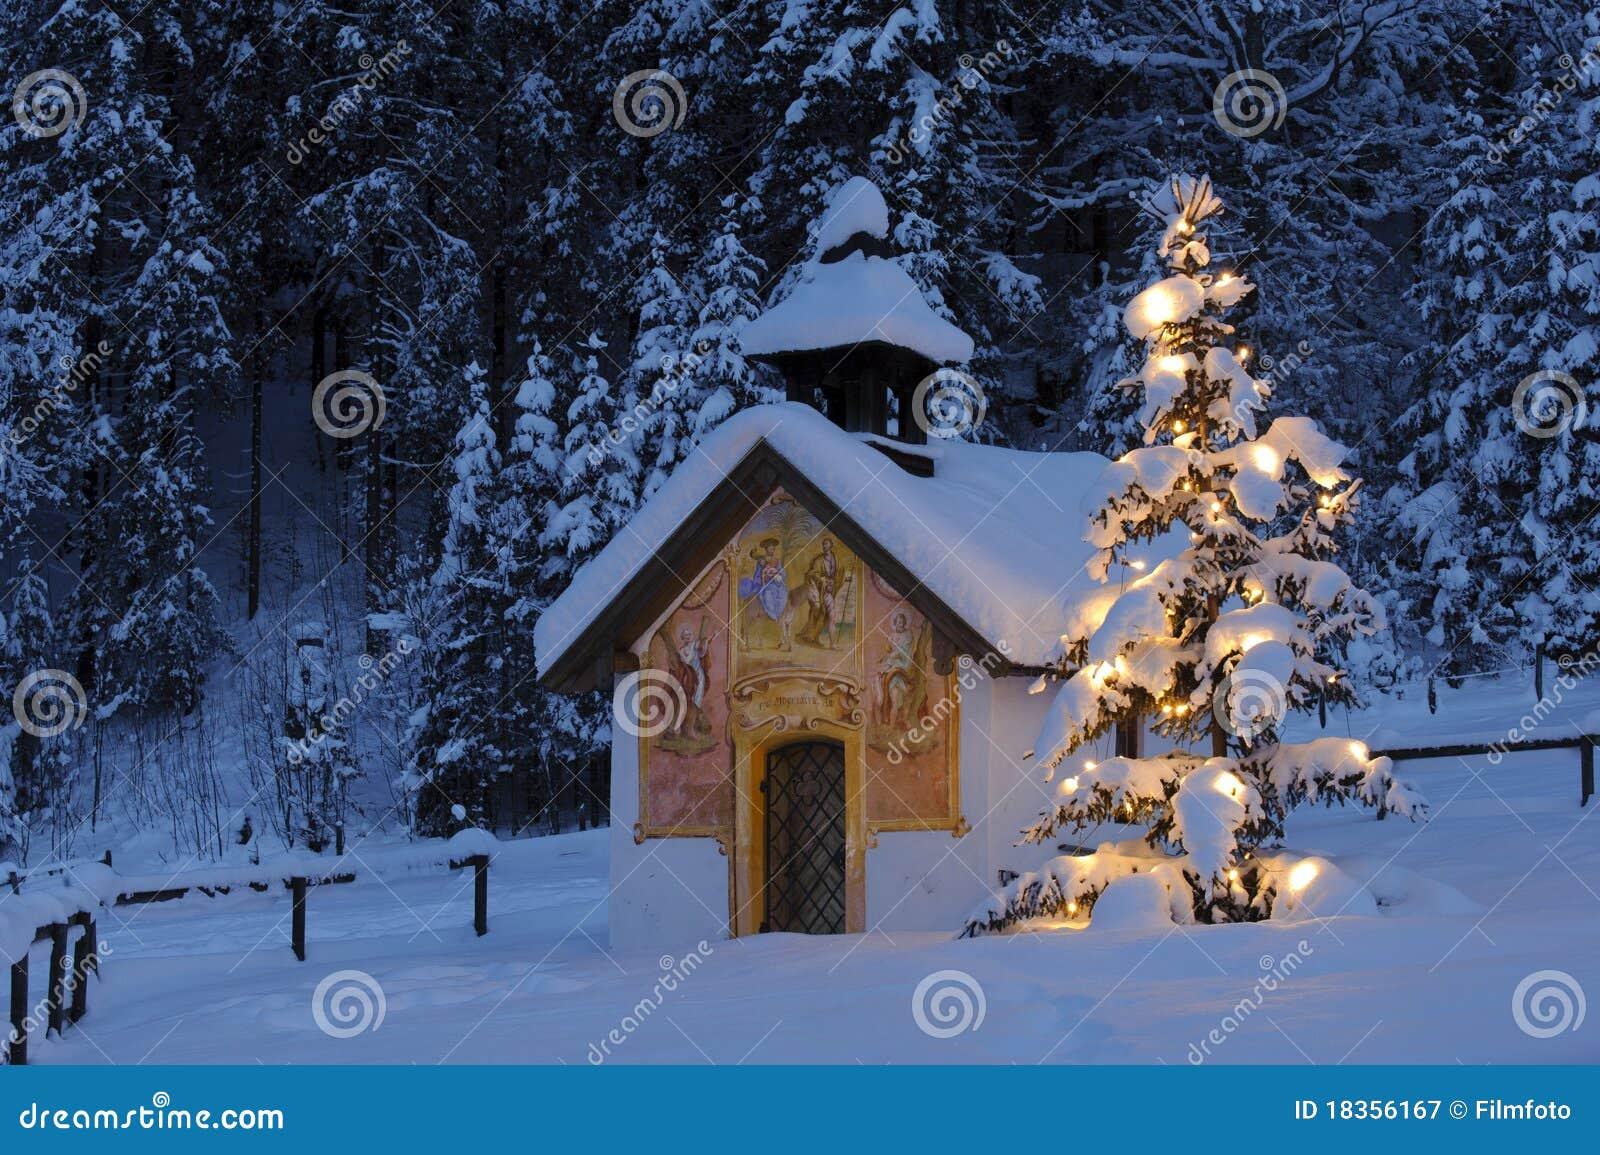 weihnachtskapelle stockbild bild von idyllisch januar. Black Bedroom Furniture Sets. Home Design Ideas